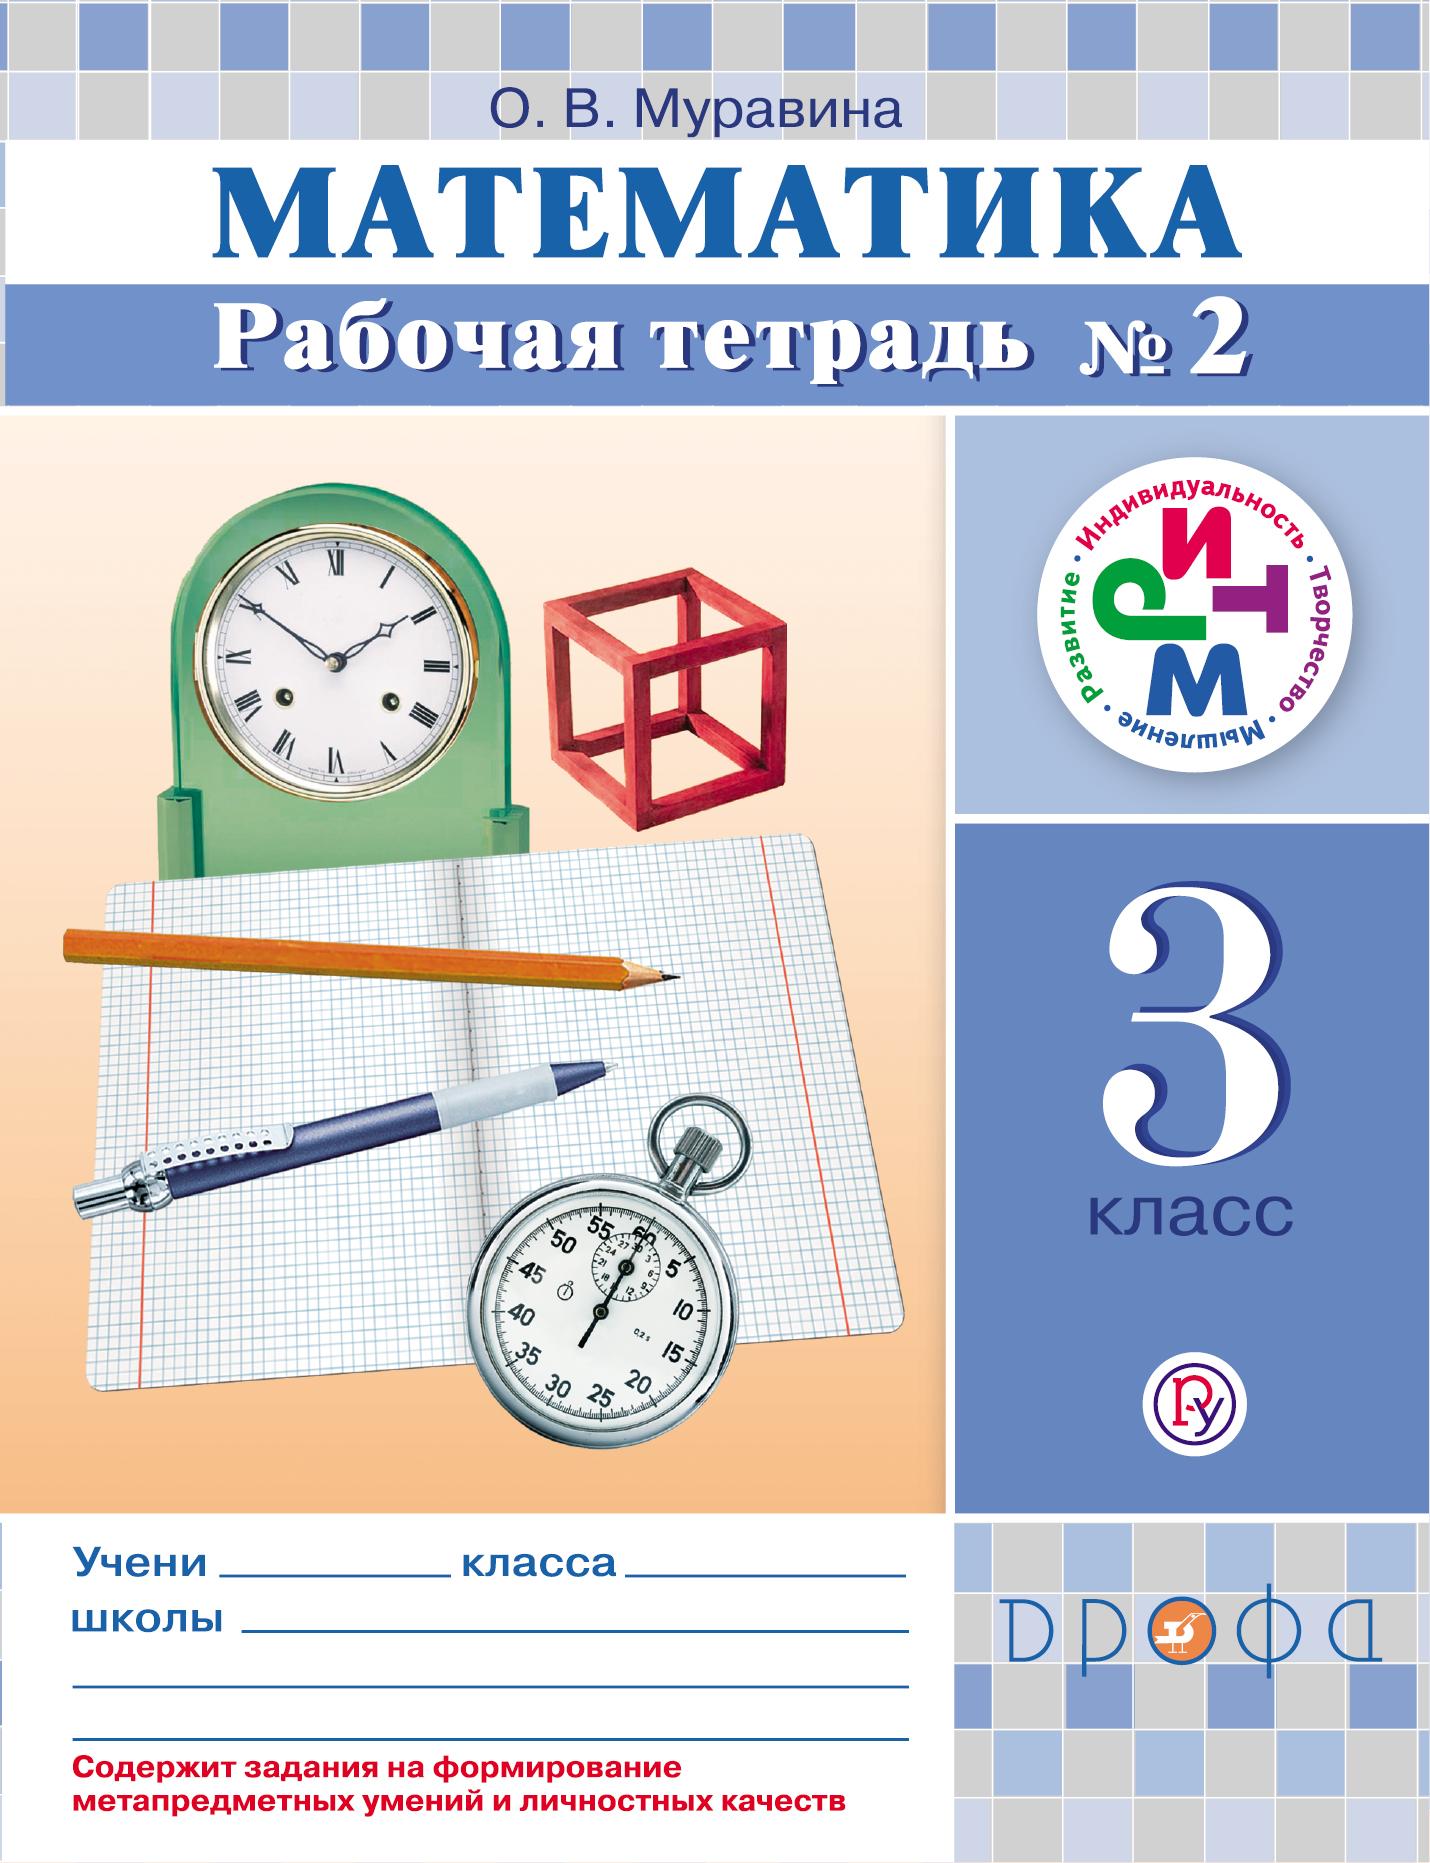 Муравина О.В. Математика. 3 кл. Рабочая тетрадь. №2 РИТМ